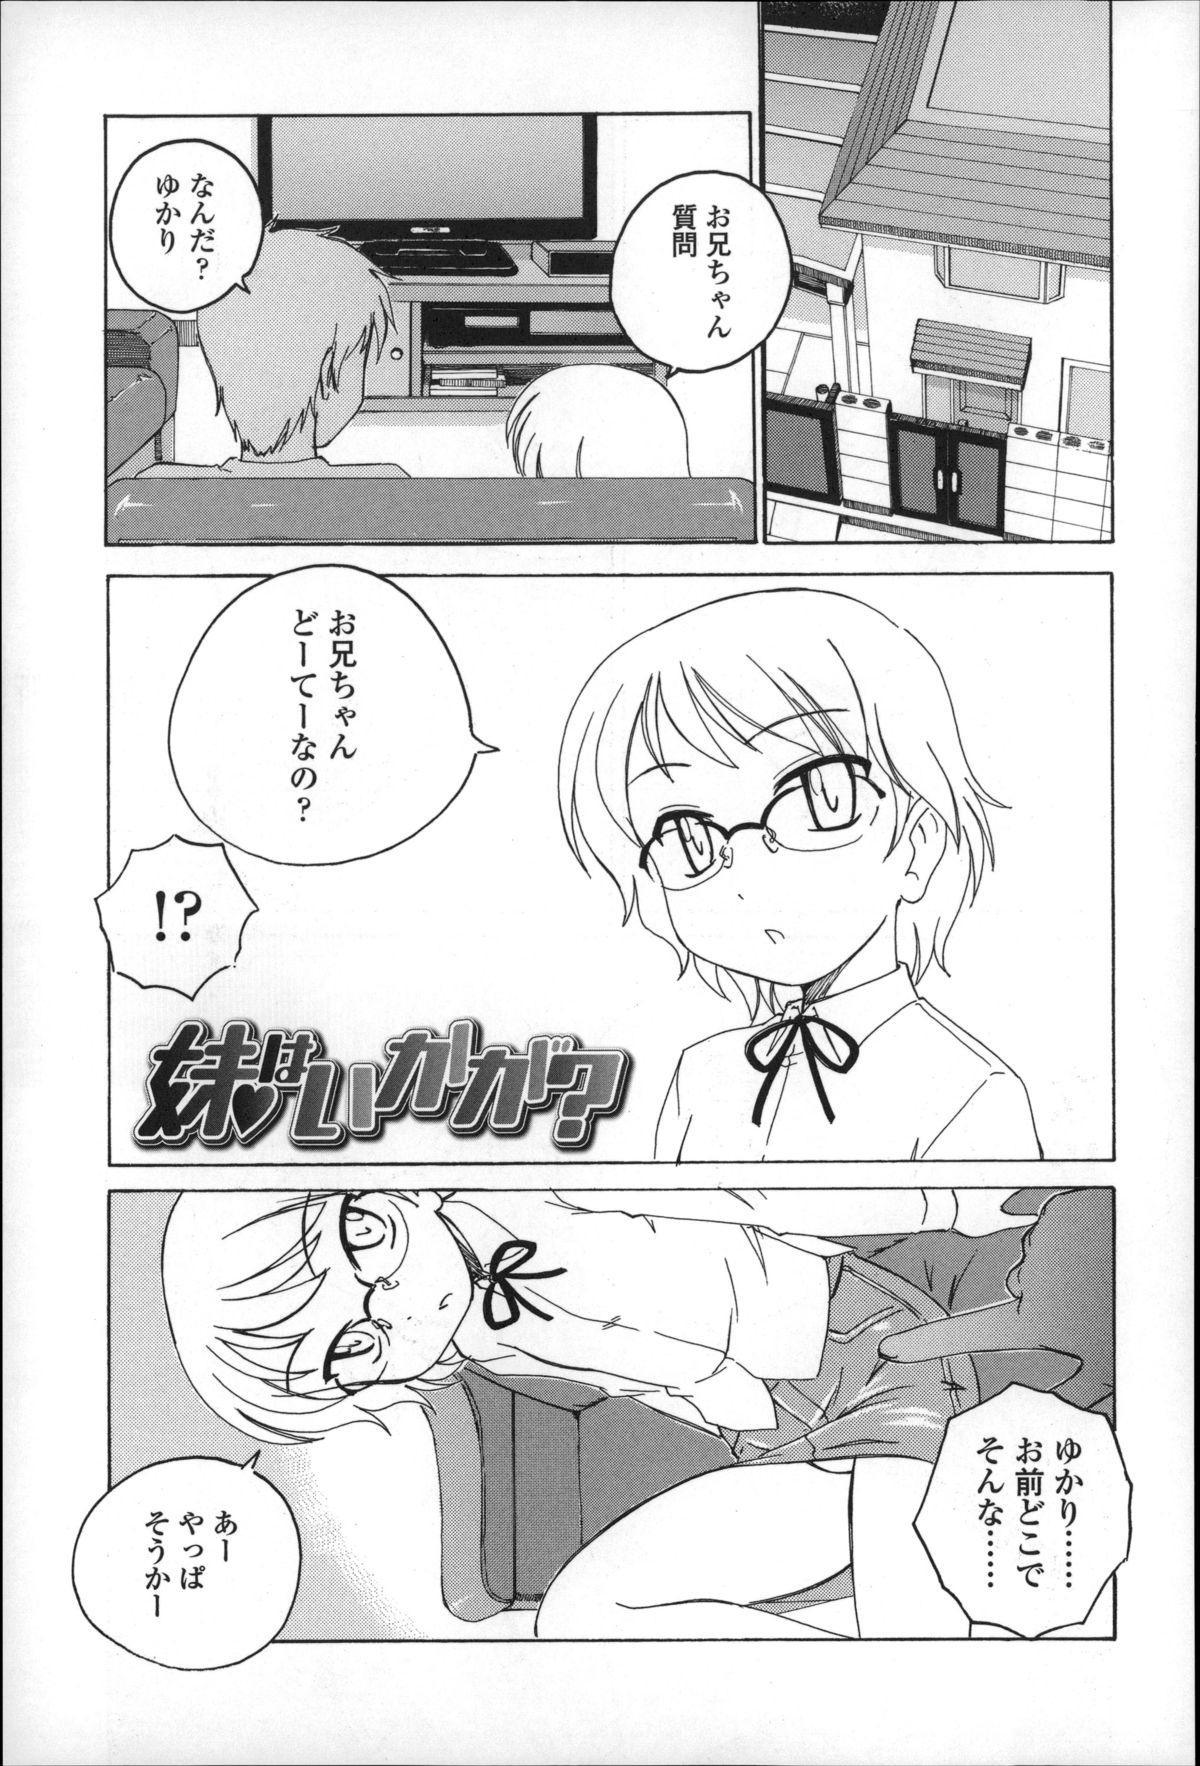 Youshou no Hana no Himitsu - The secret of Girls flowers 54